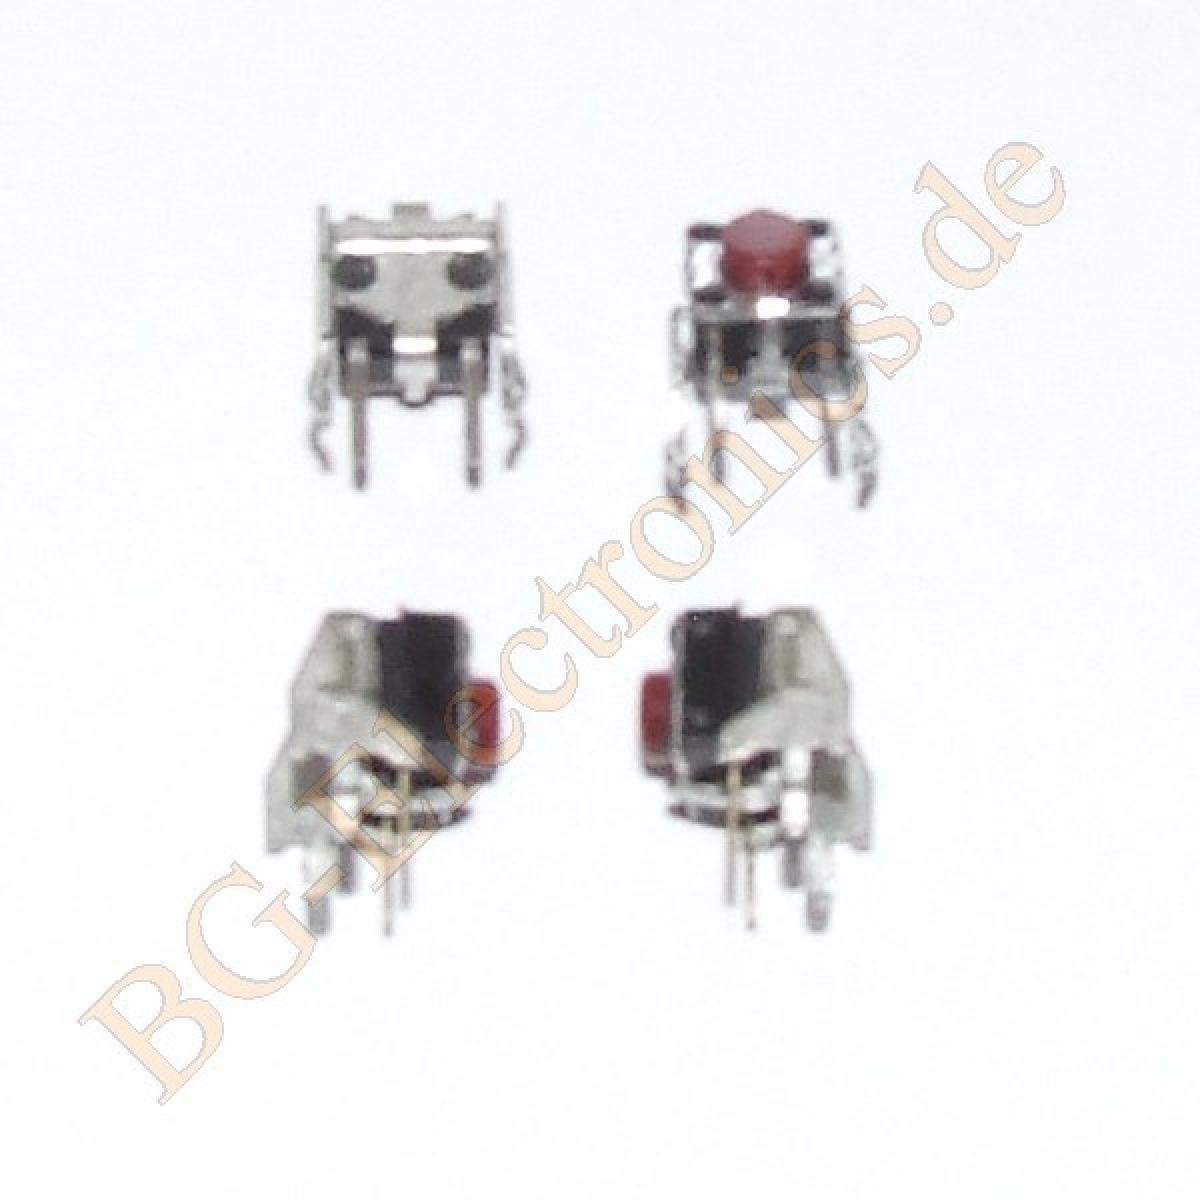 30-x-Micro-Taster-EVQPFC04R-Kurzhub-Mini-Taster-6x6x5mm-vertikal-liegend-30pcs